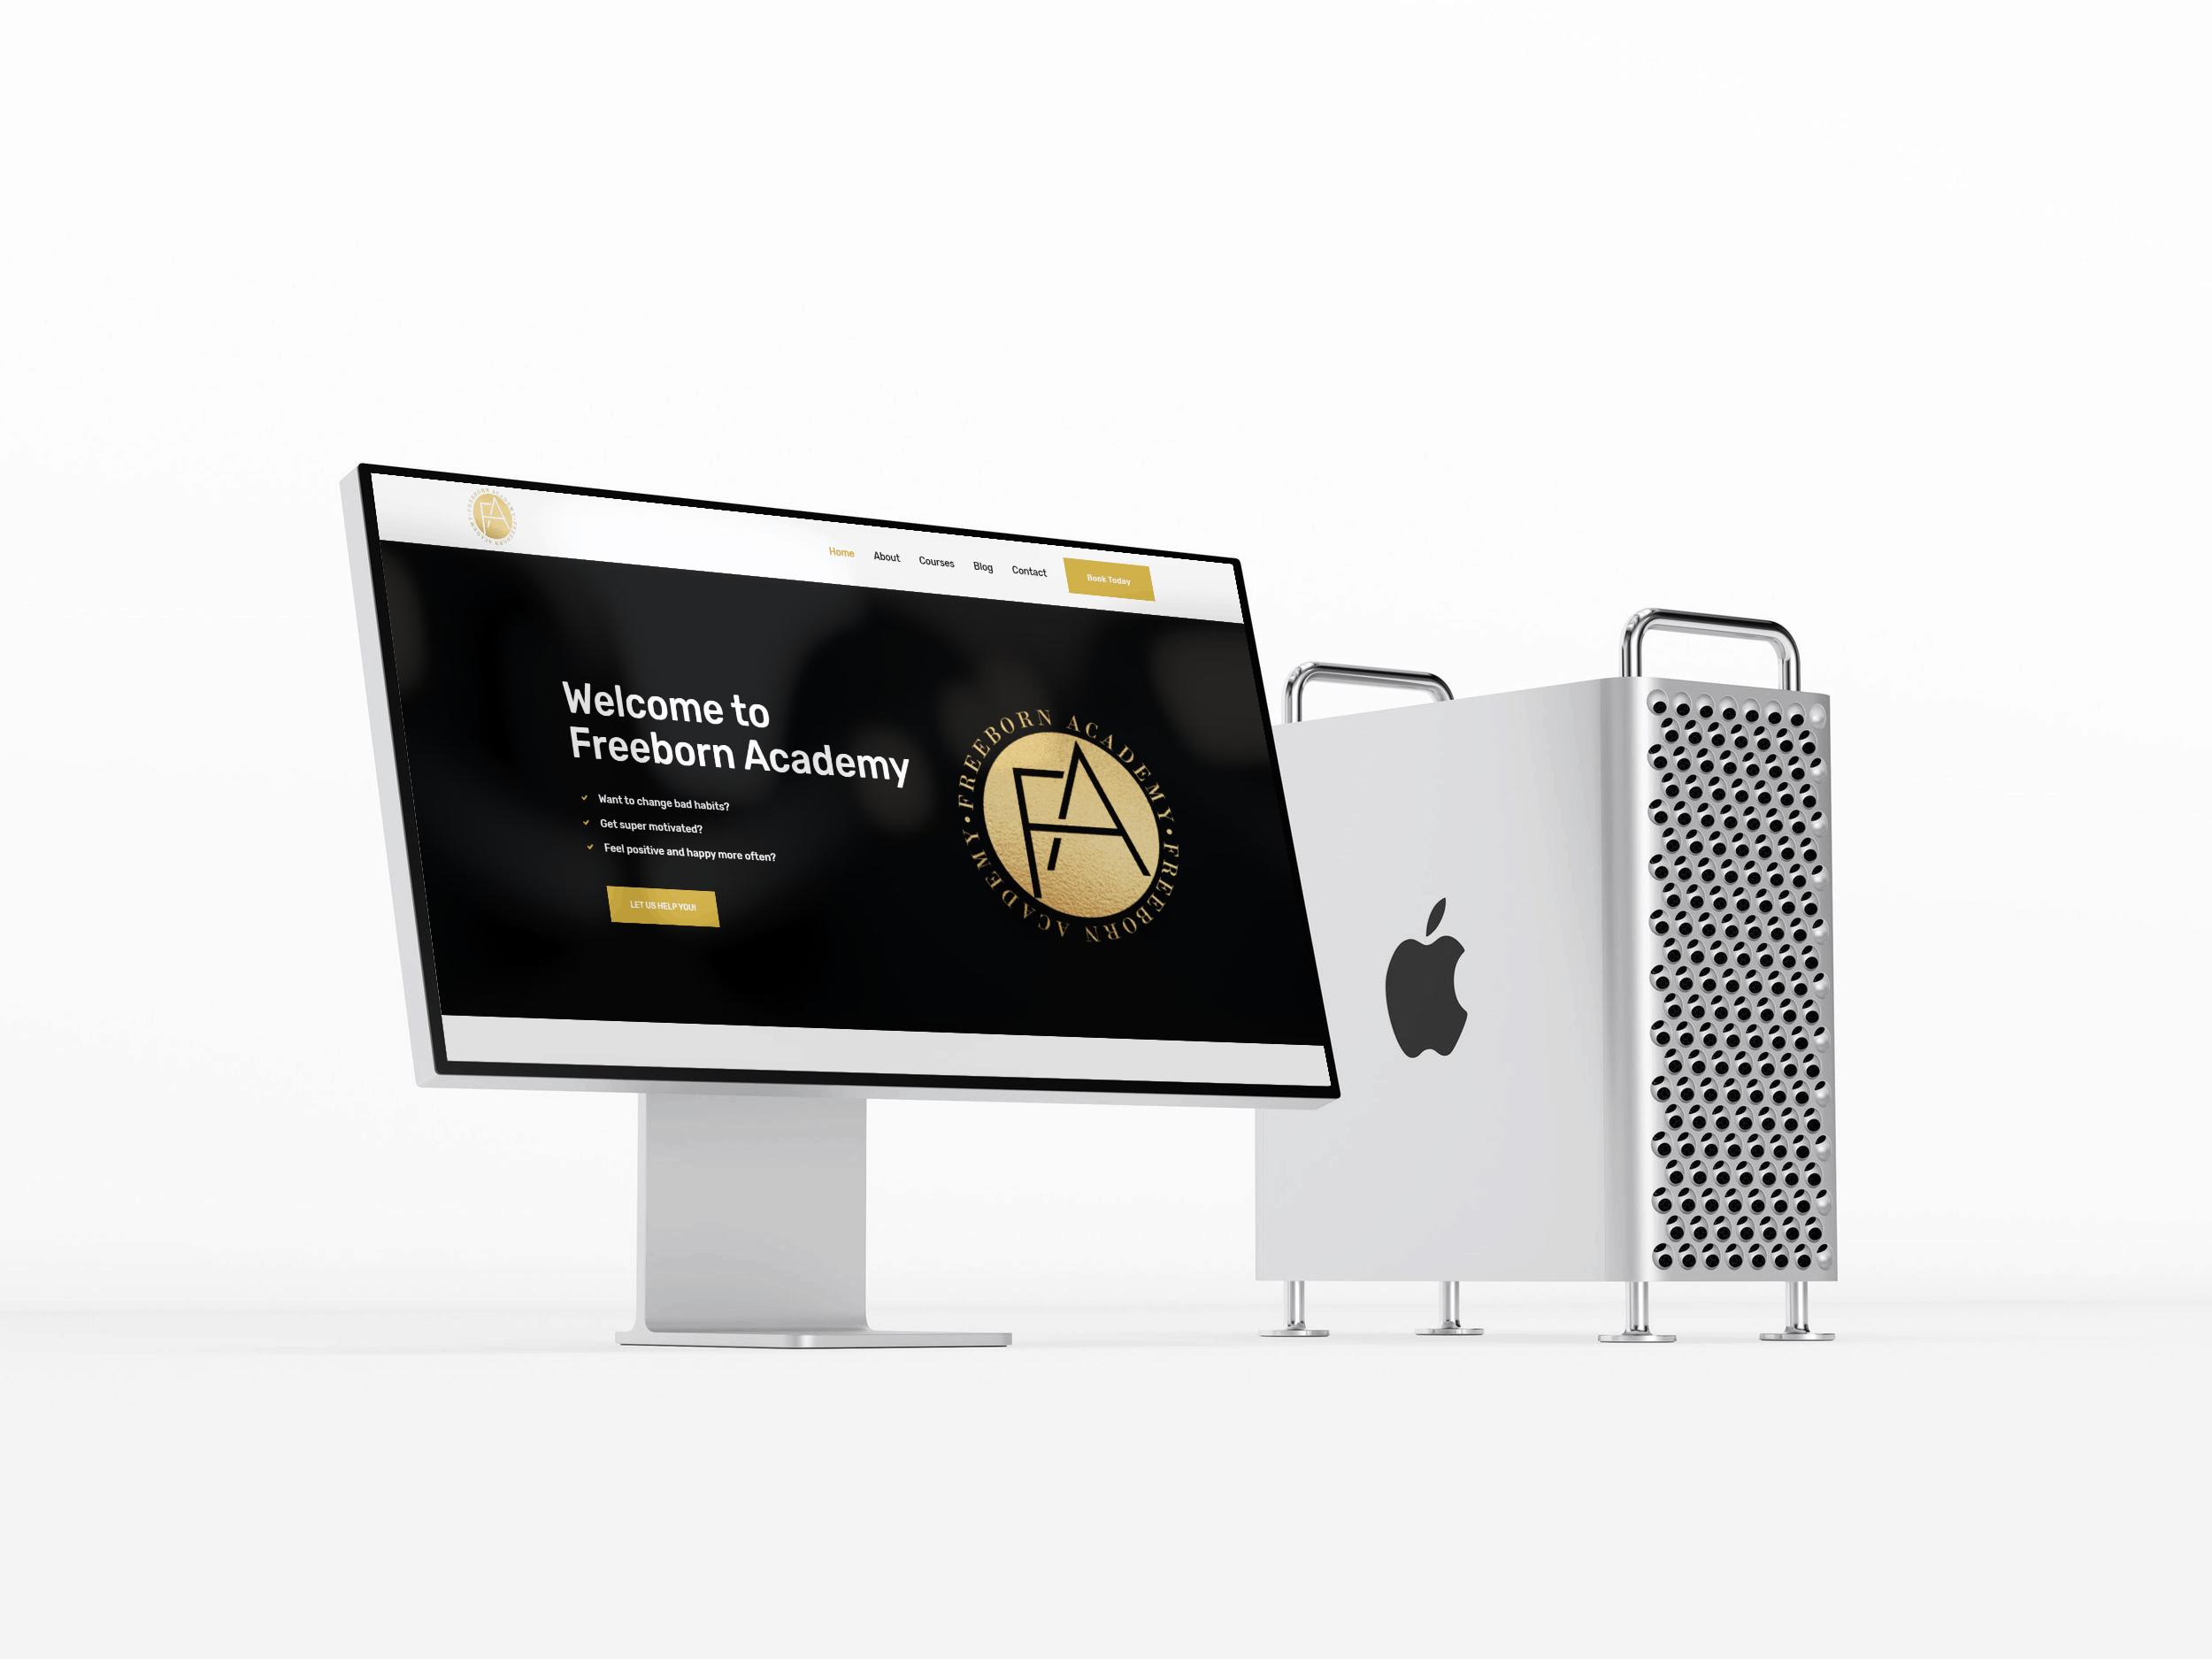 Freeborn Academy Website Design